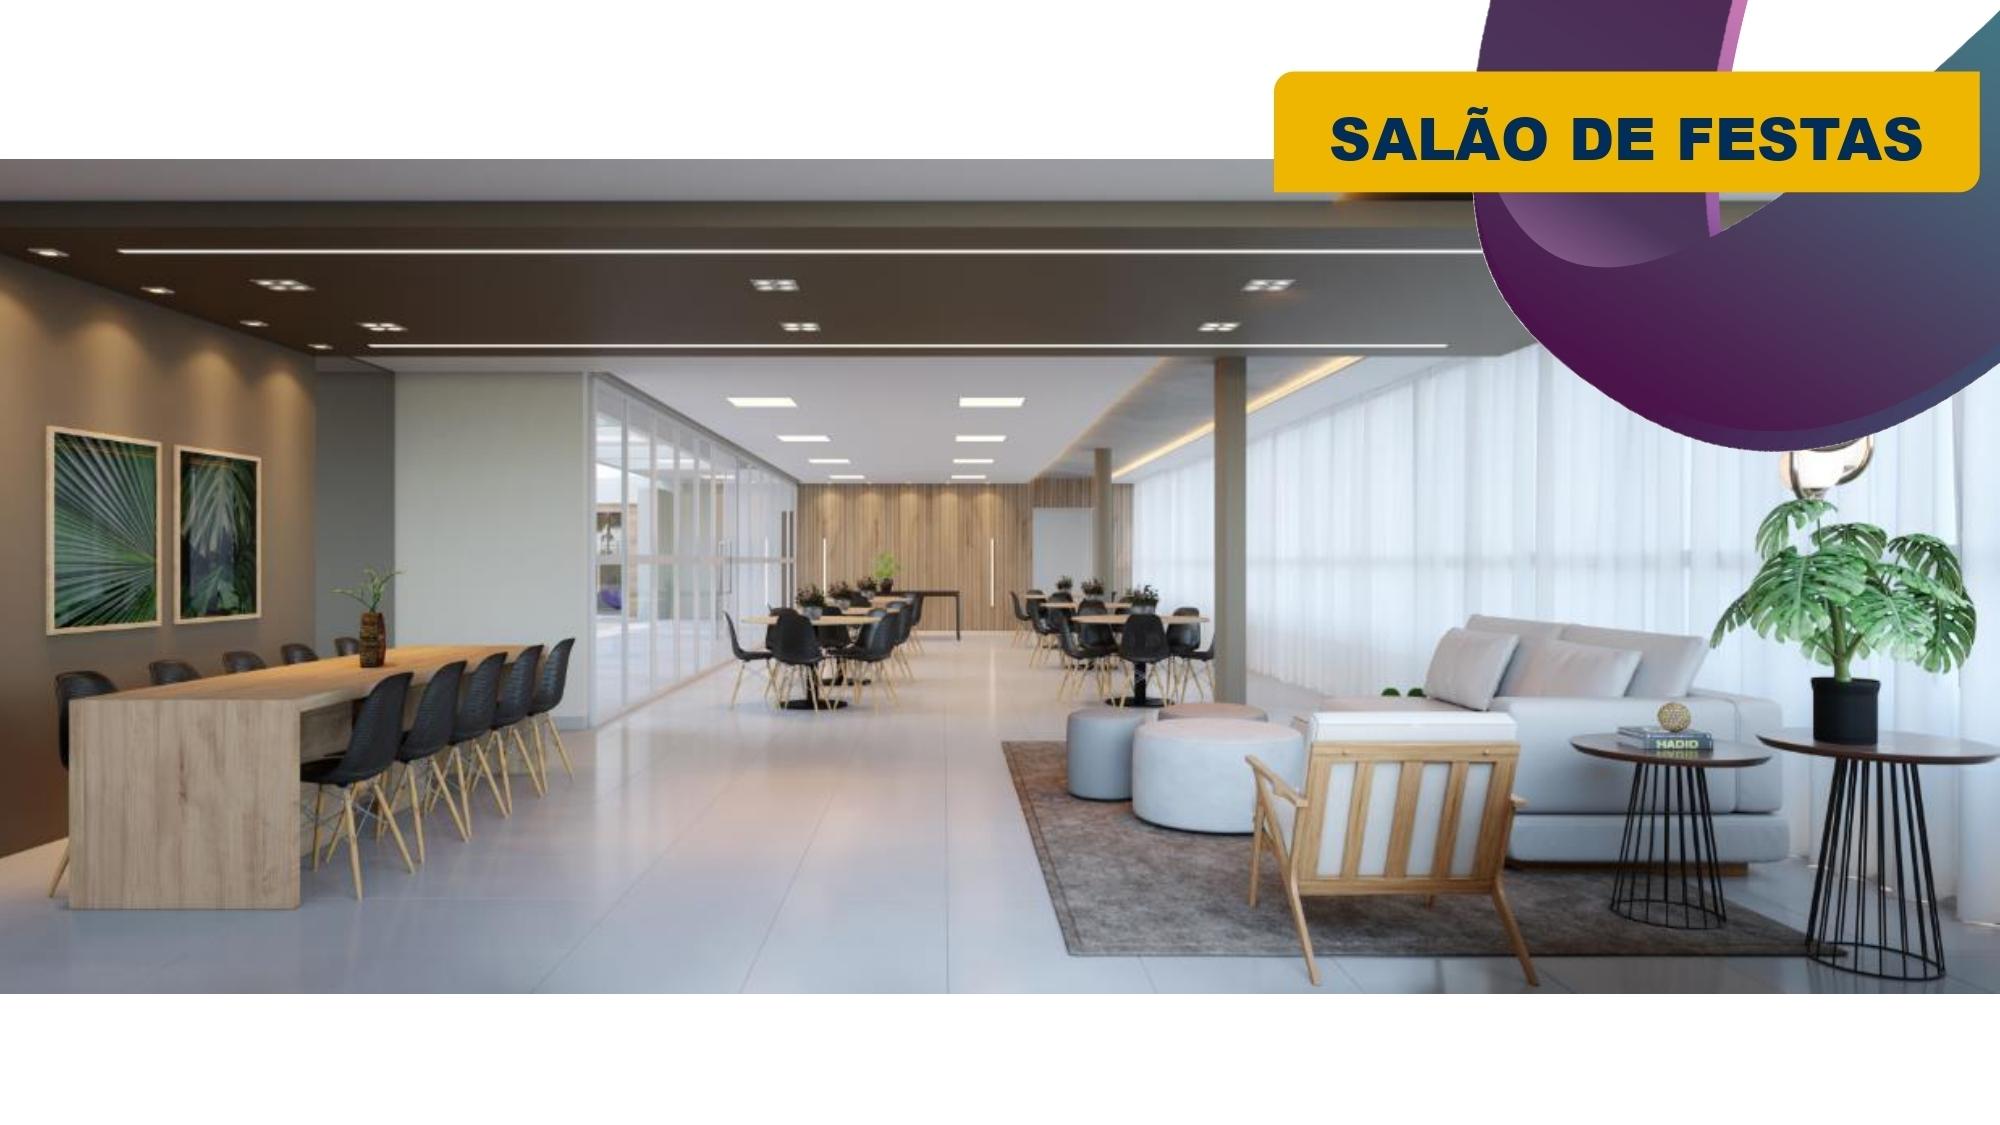 Apartamento Bairro Nova Suiça 2 é 3 Quartos - Foto 5